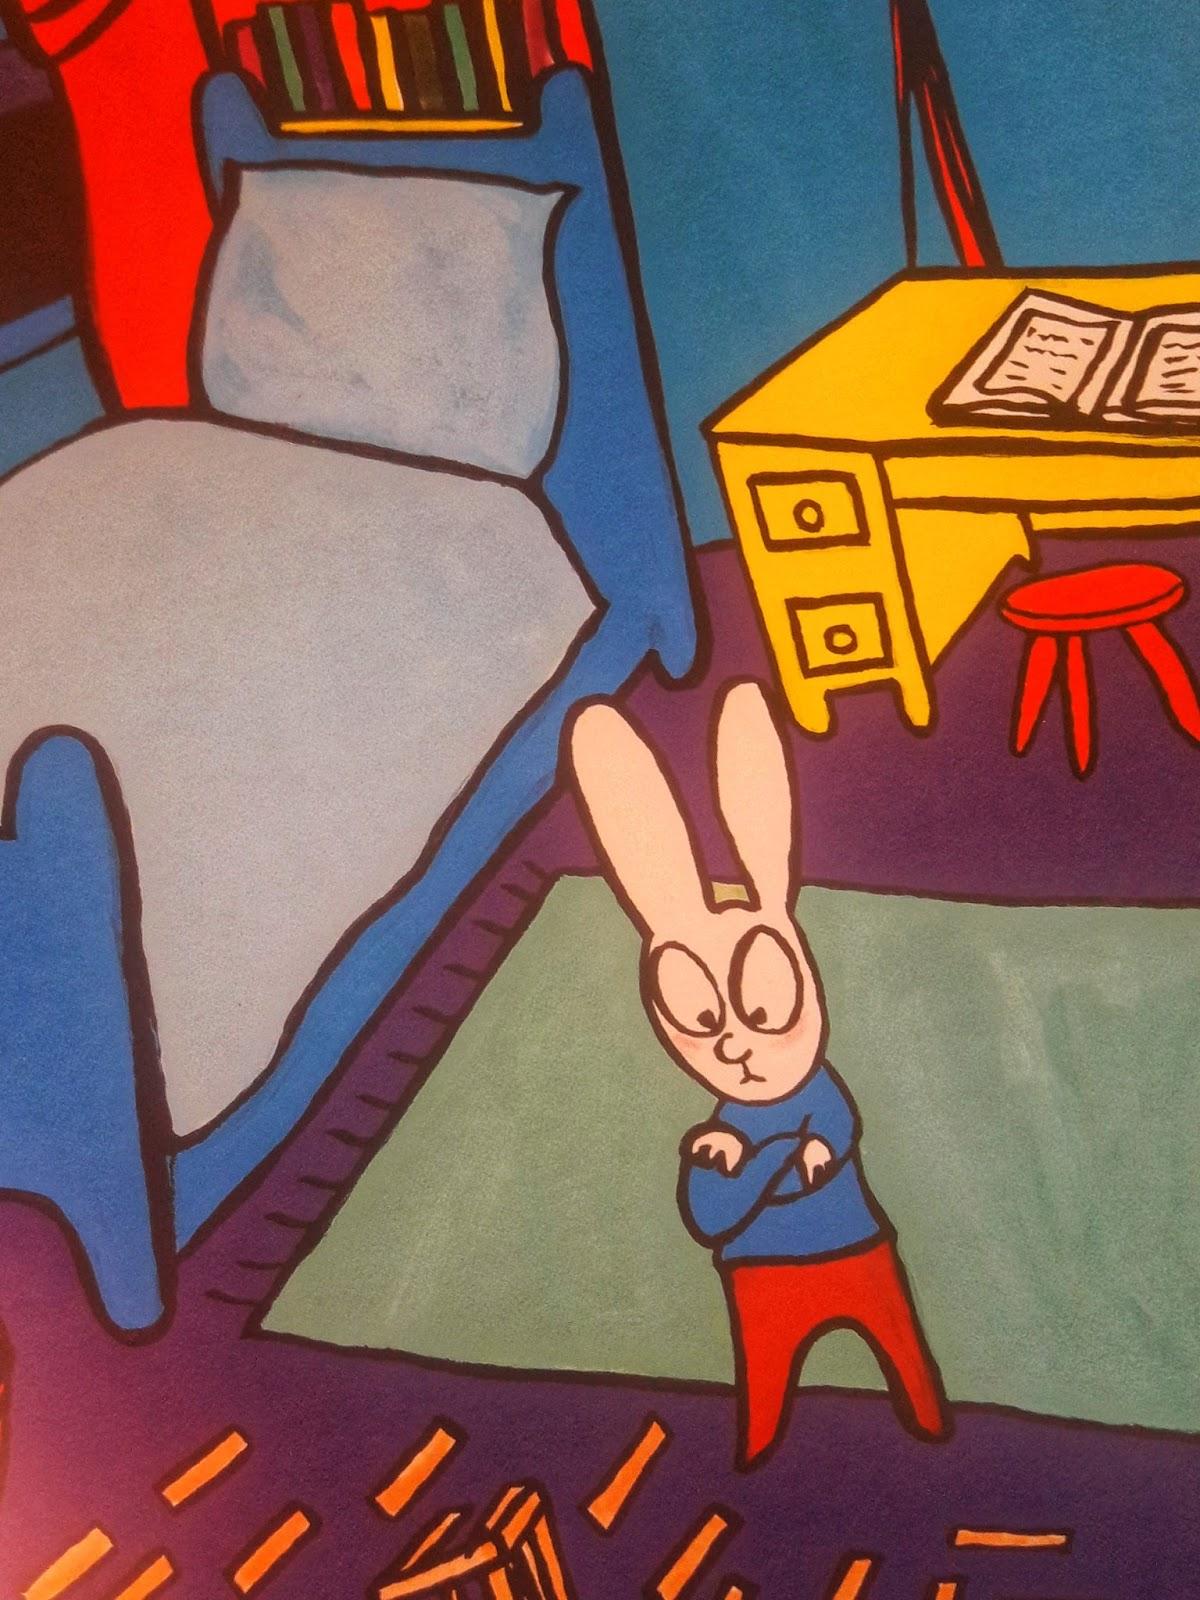 Famiglia tuttofare letture per bimbi le avventure del coniglio